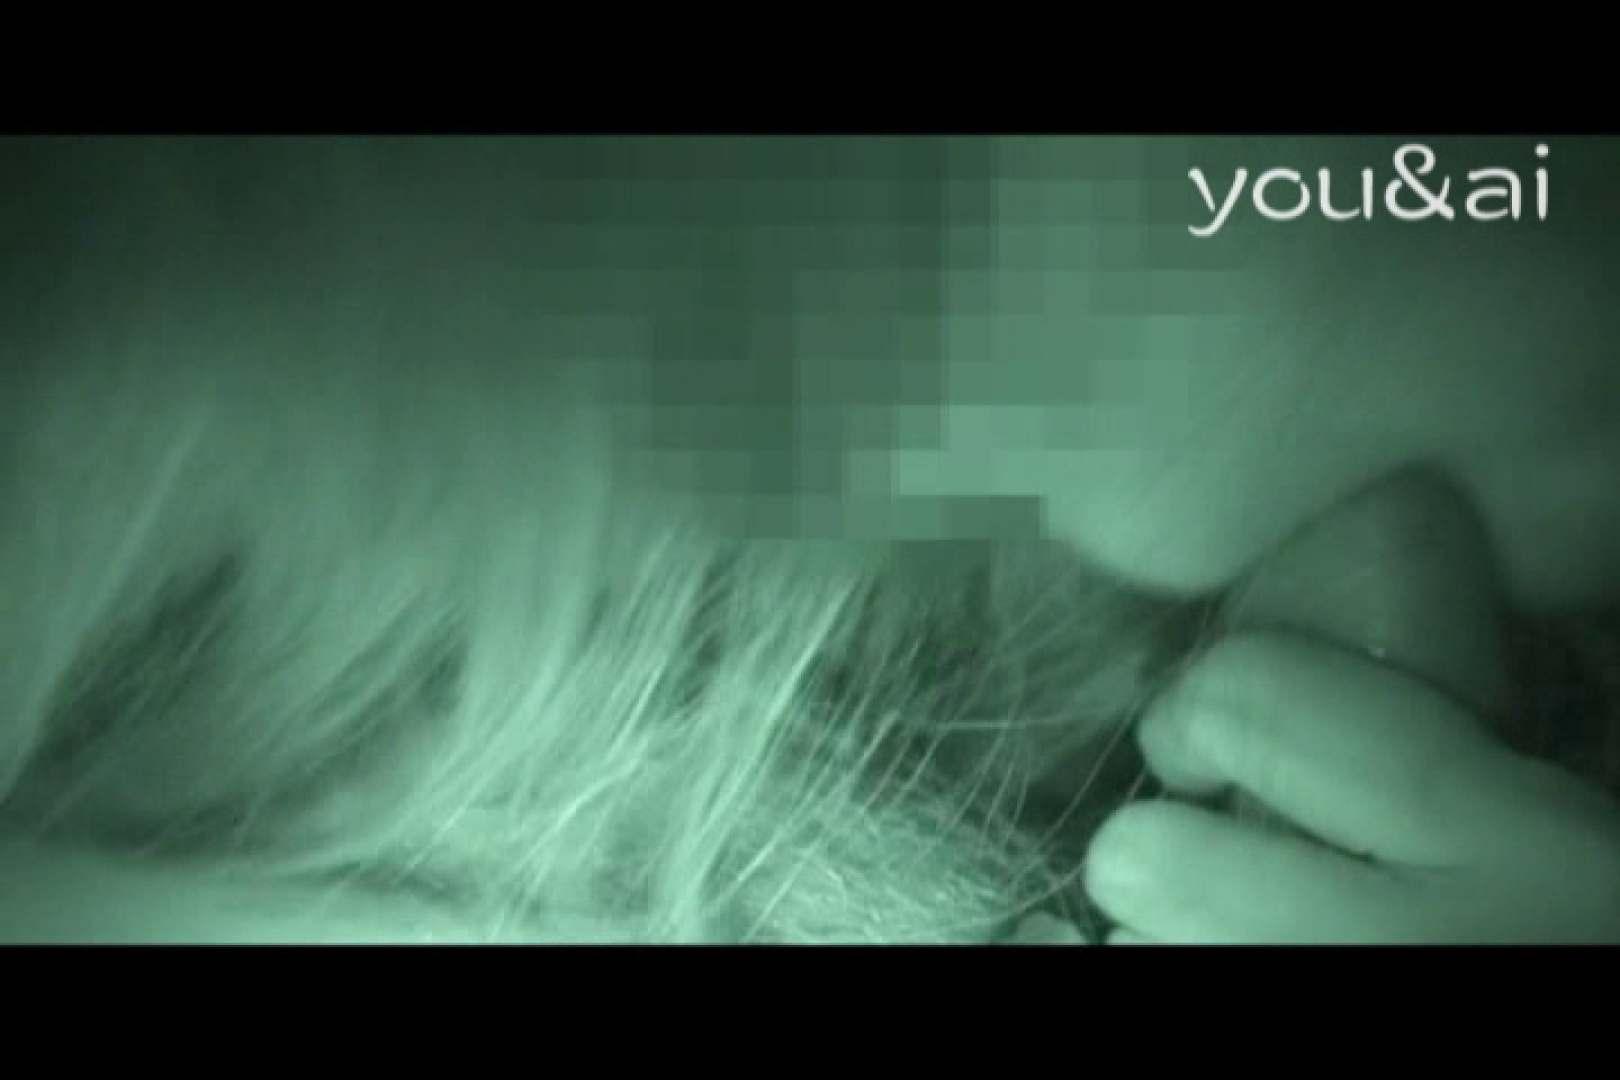 おしどり夫婦のyou&aiさん投稿作品vol.4 OLのエロ生活 ヌード画像 53連発 51